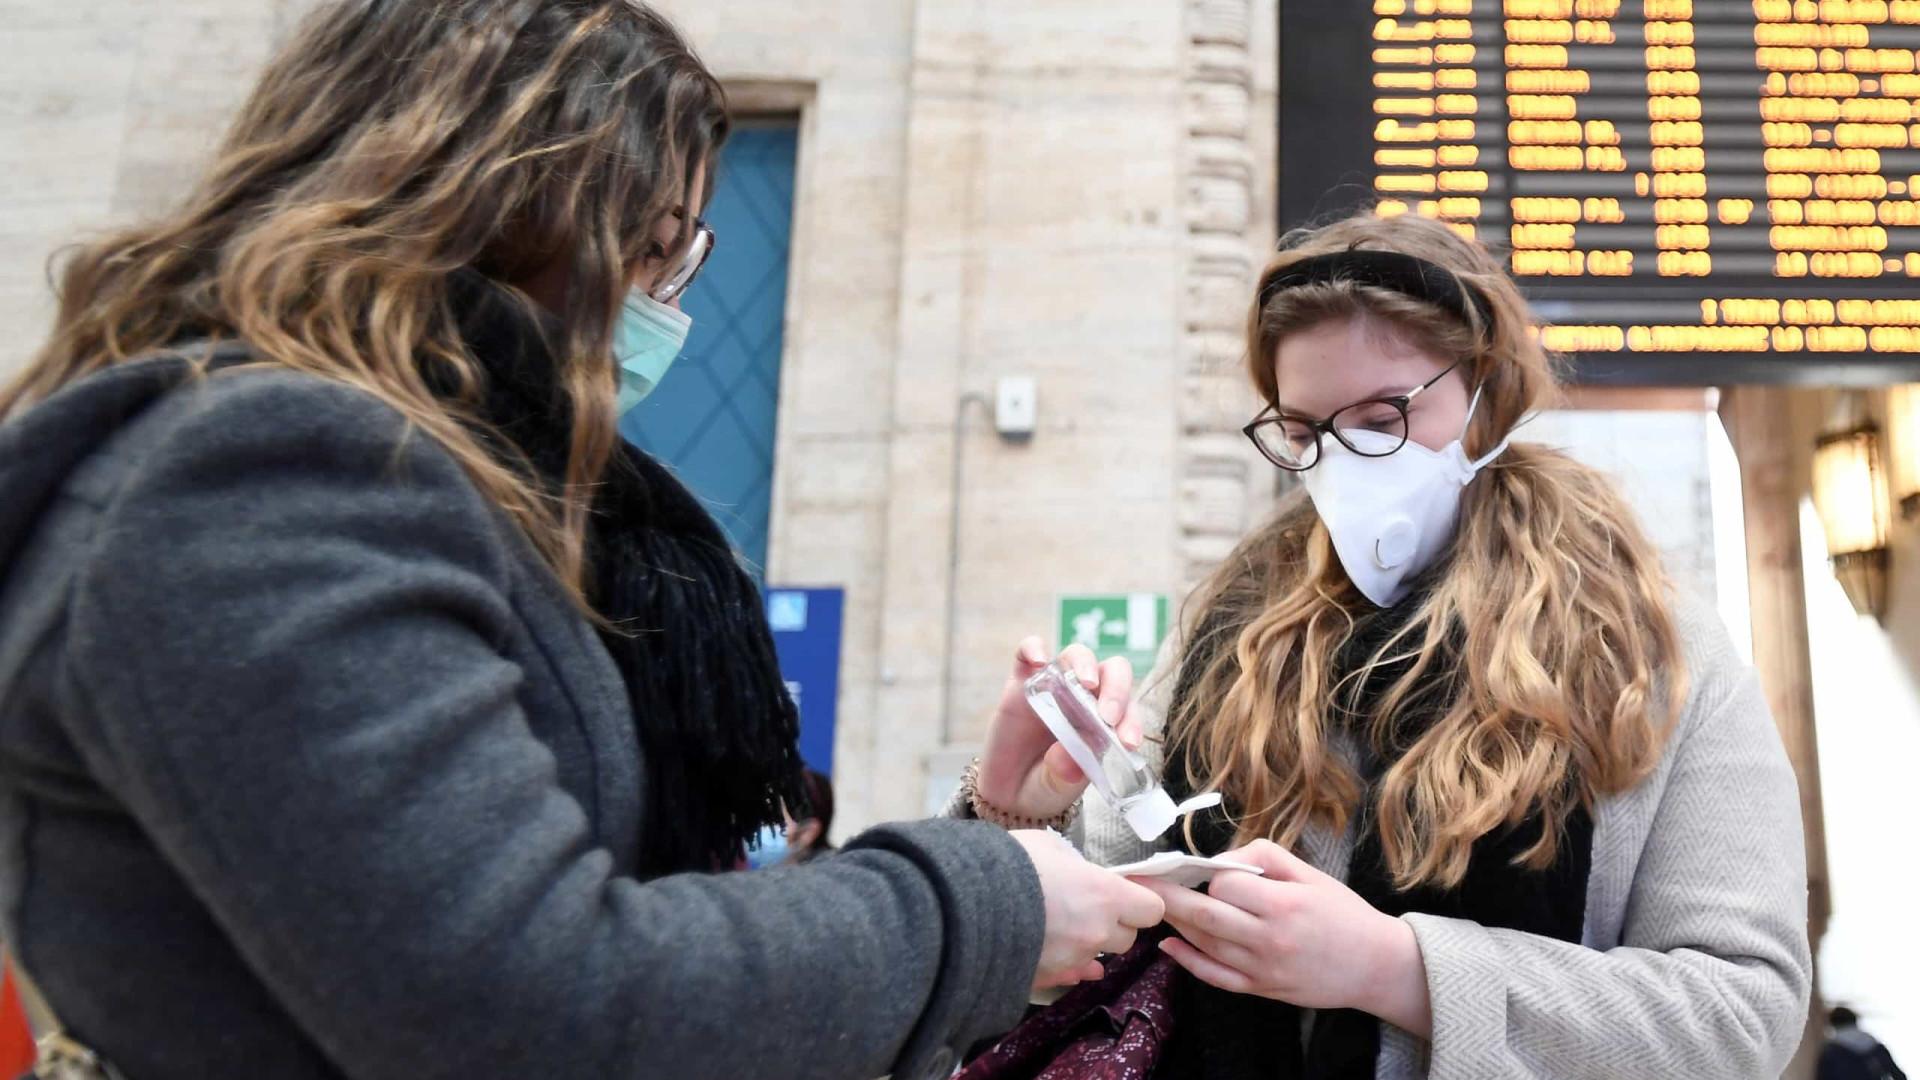 Aeroportos têm voos internacionais cancelados e medem temperatura